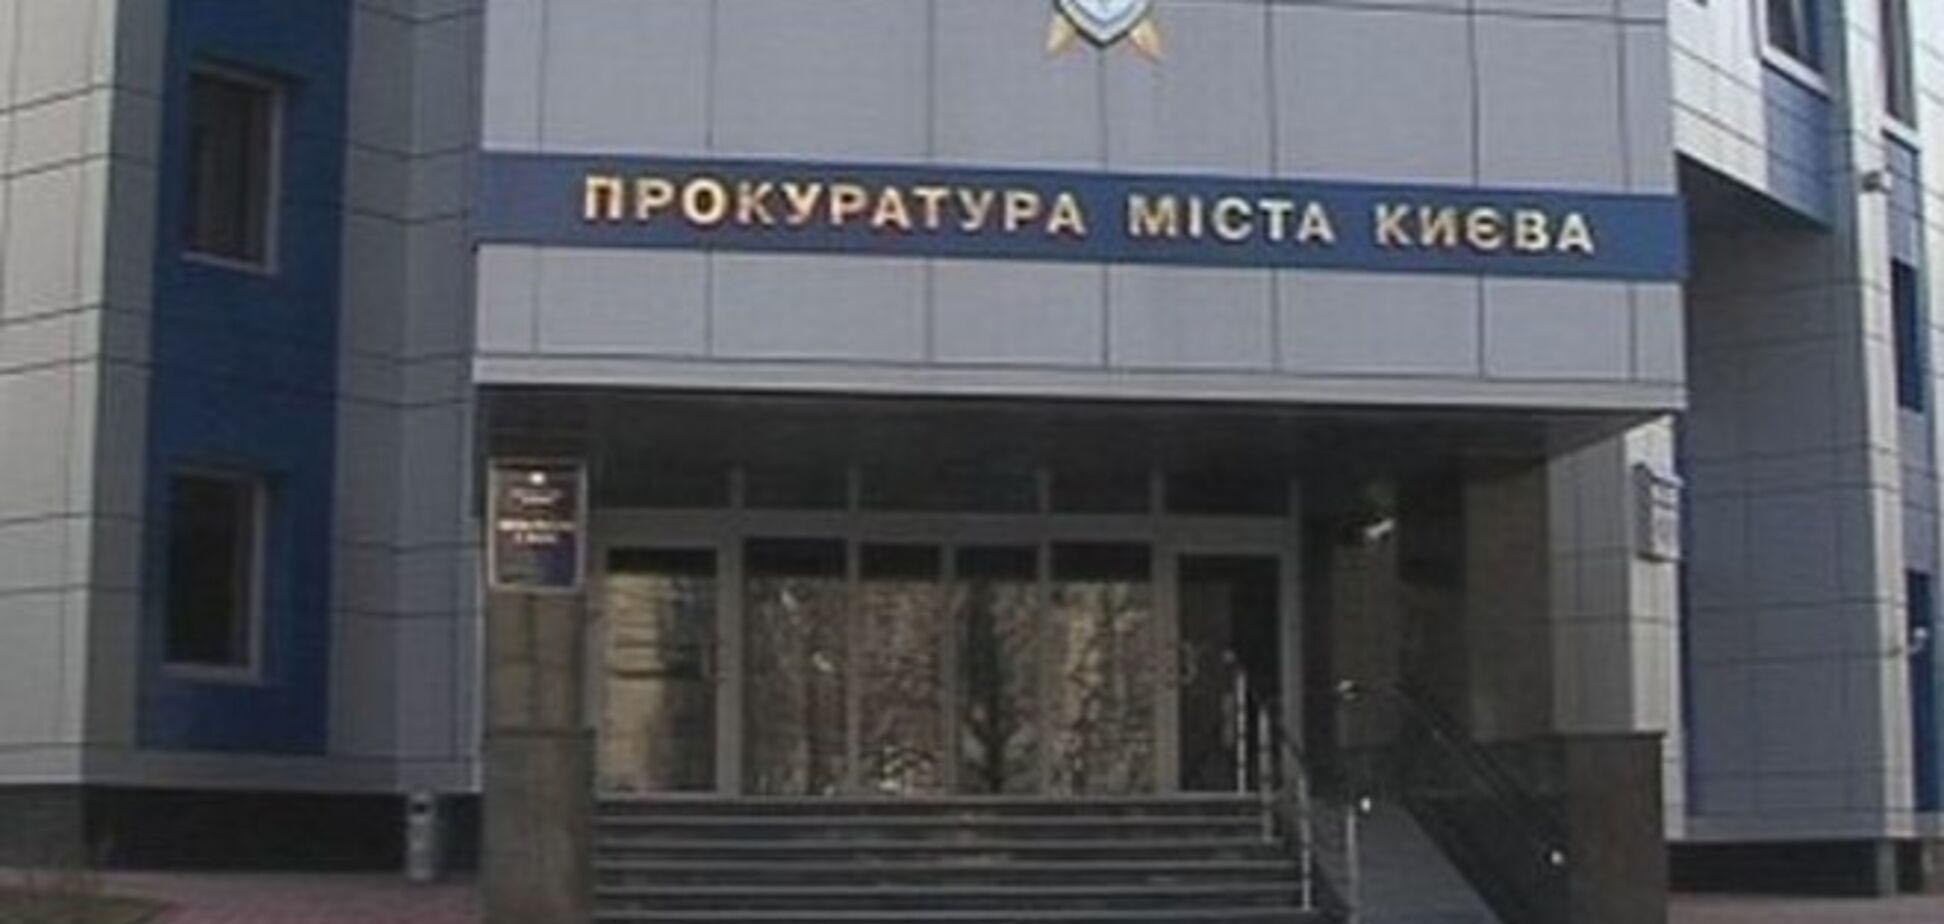 В Киеве прокуратура заставила работодателя выплатить зарплату годичной давности